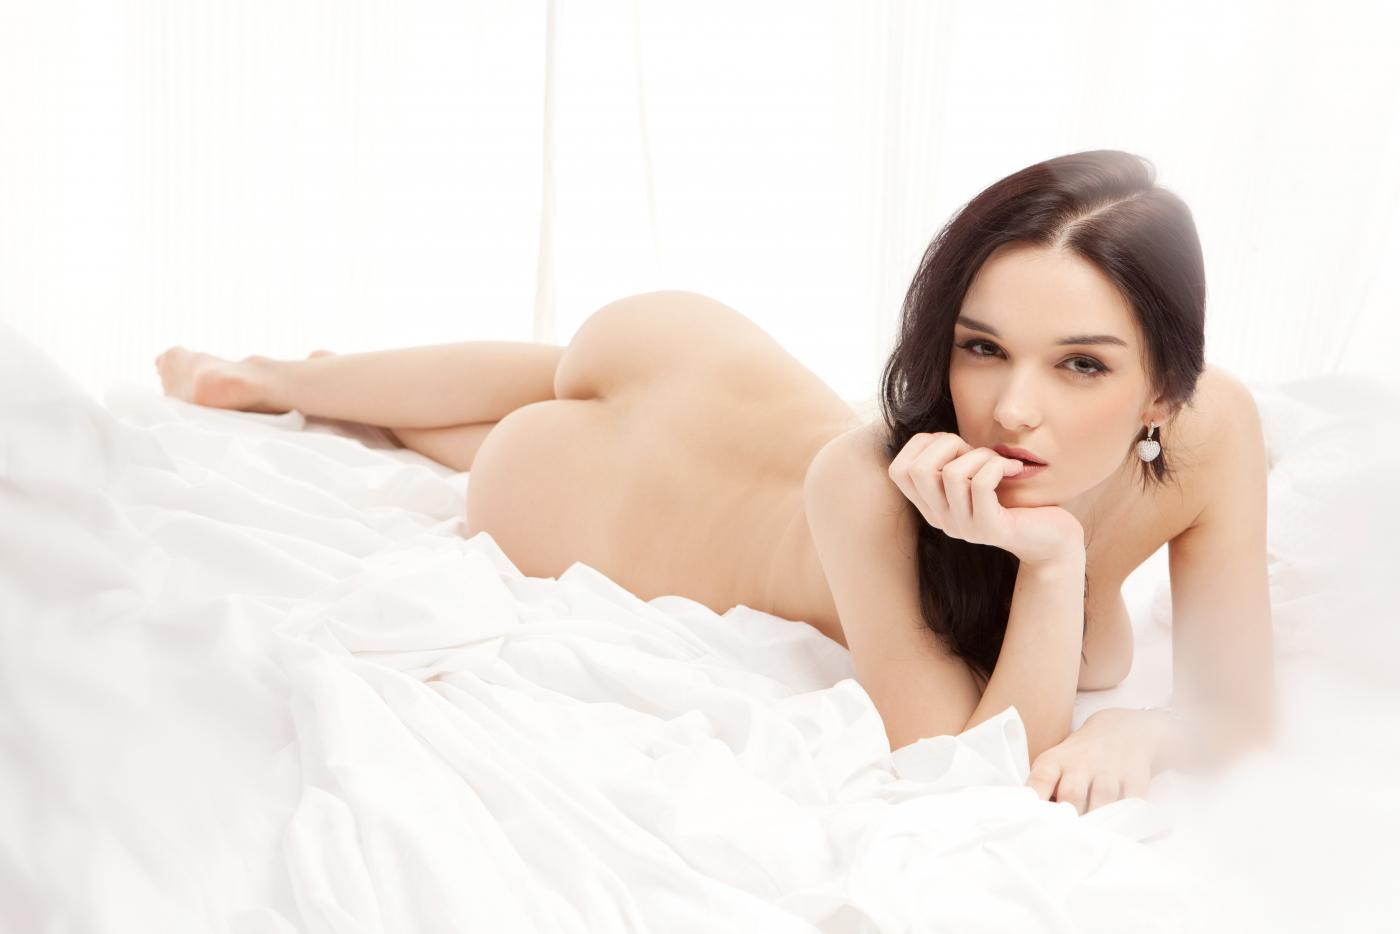 Титькастая модель с темными волосами Katie Fey трясет огромными дынями во время софткор фотосета